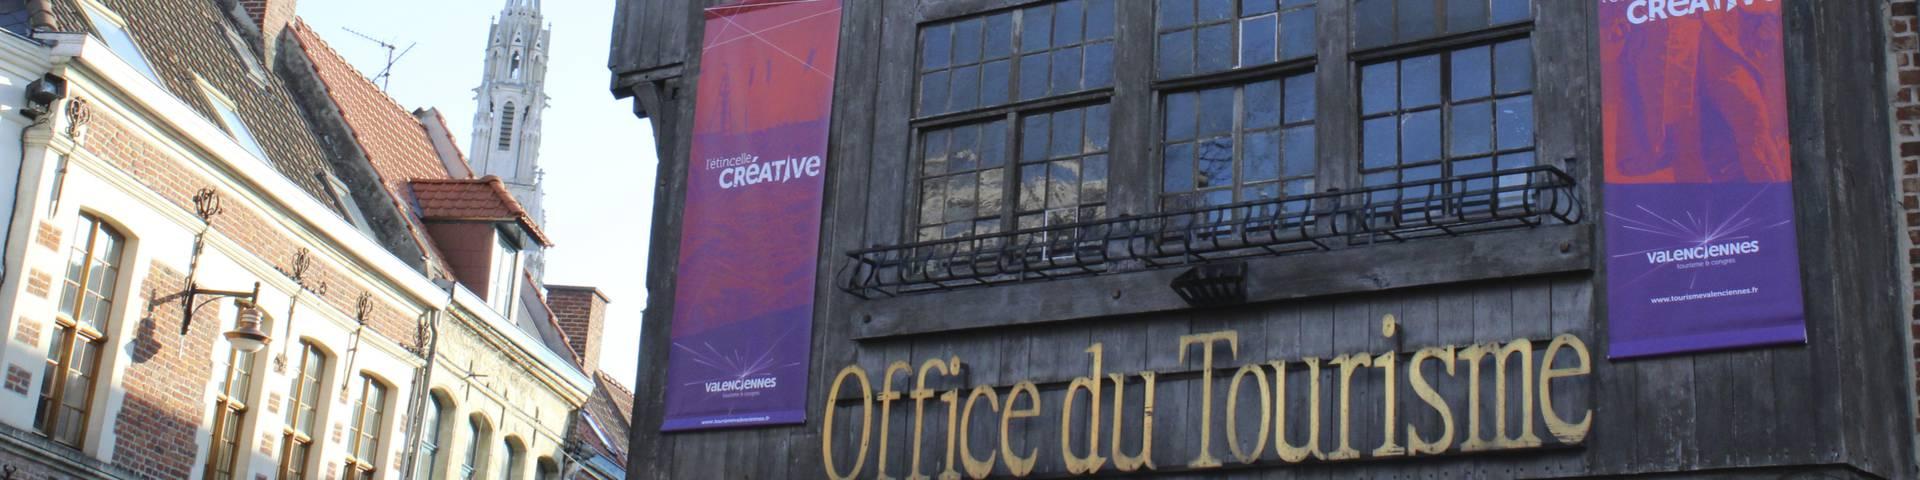 Valenciennes tourisme congr s office de tourisme valenciennes tourisme congr s - Office tourisme valenciennes ...